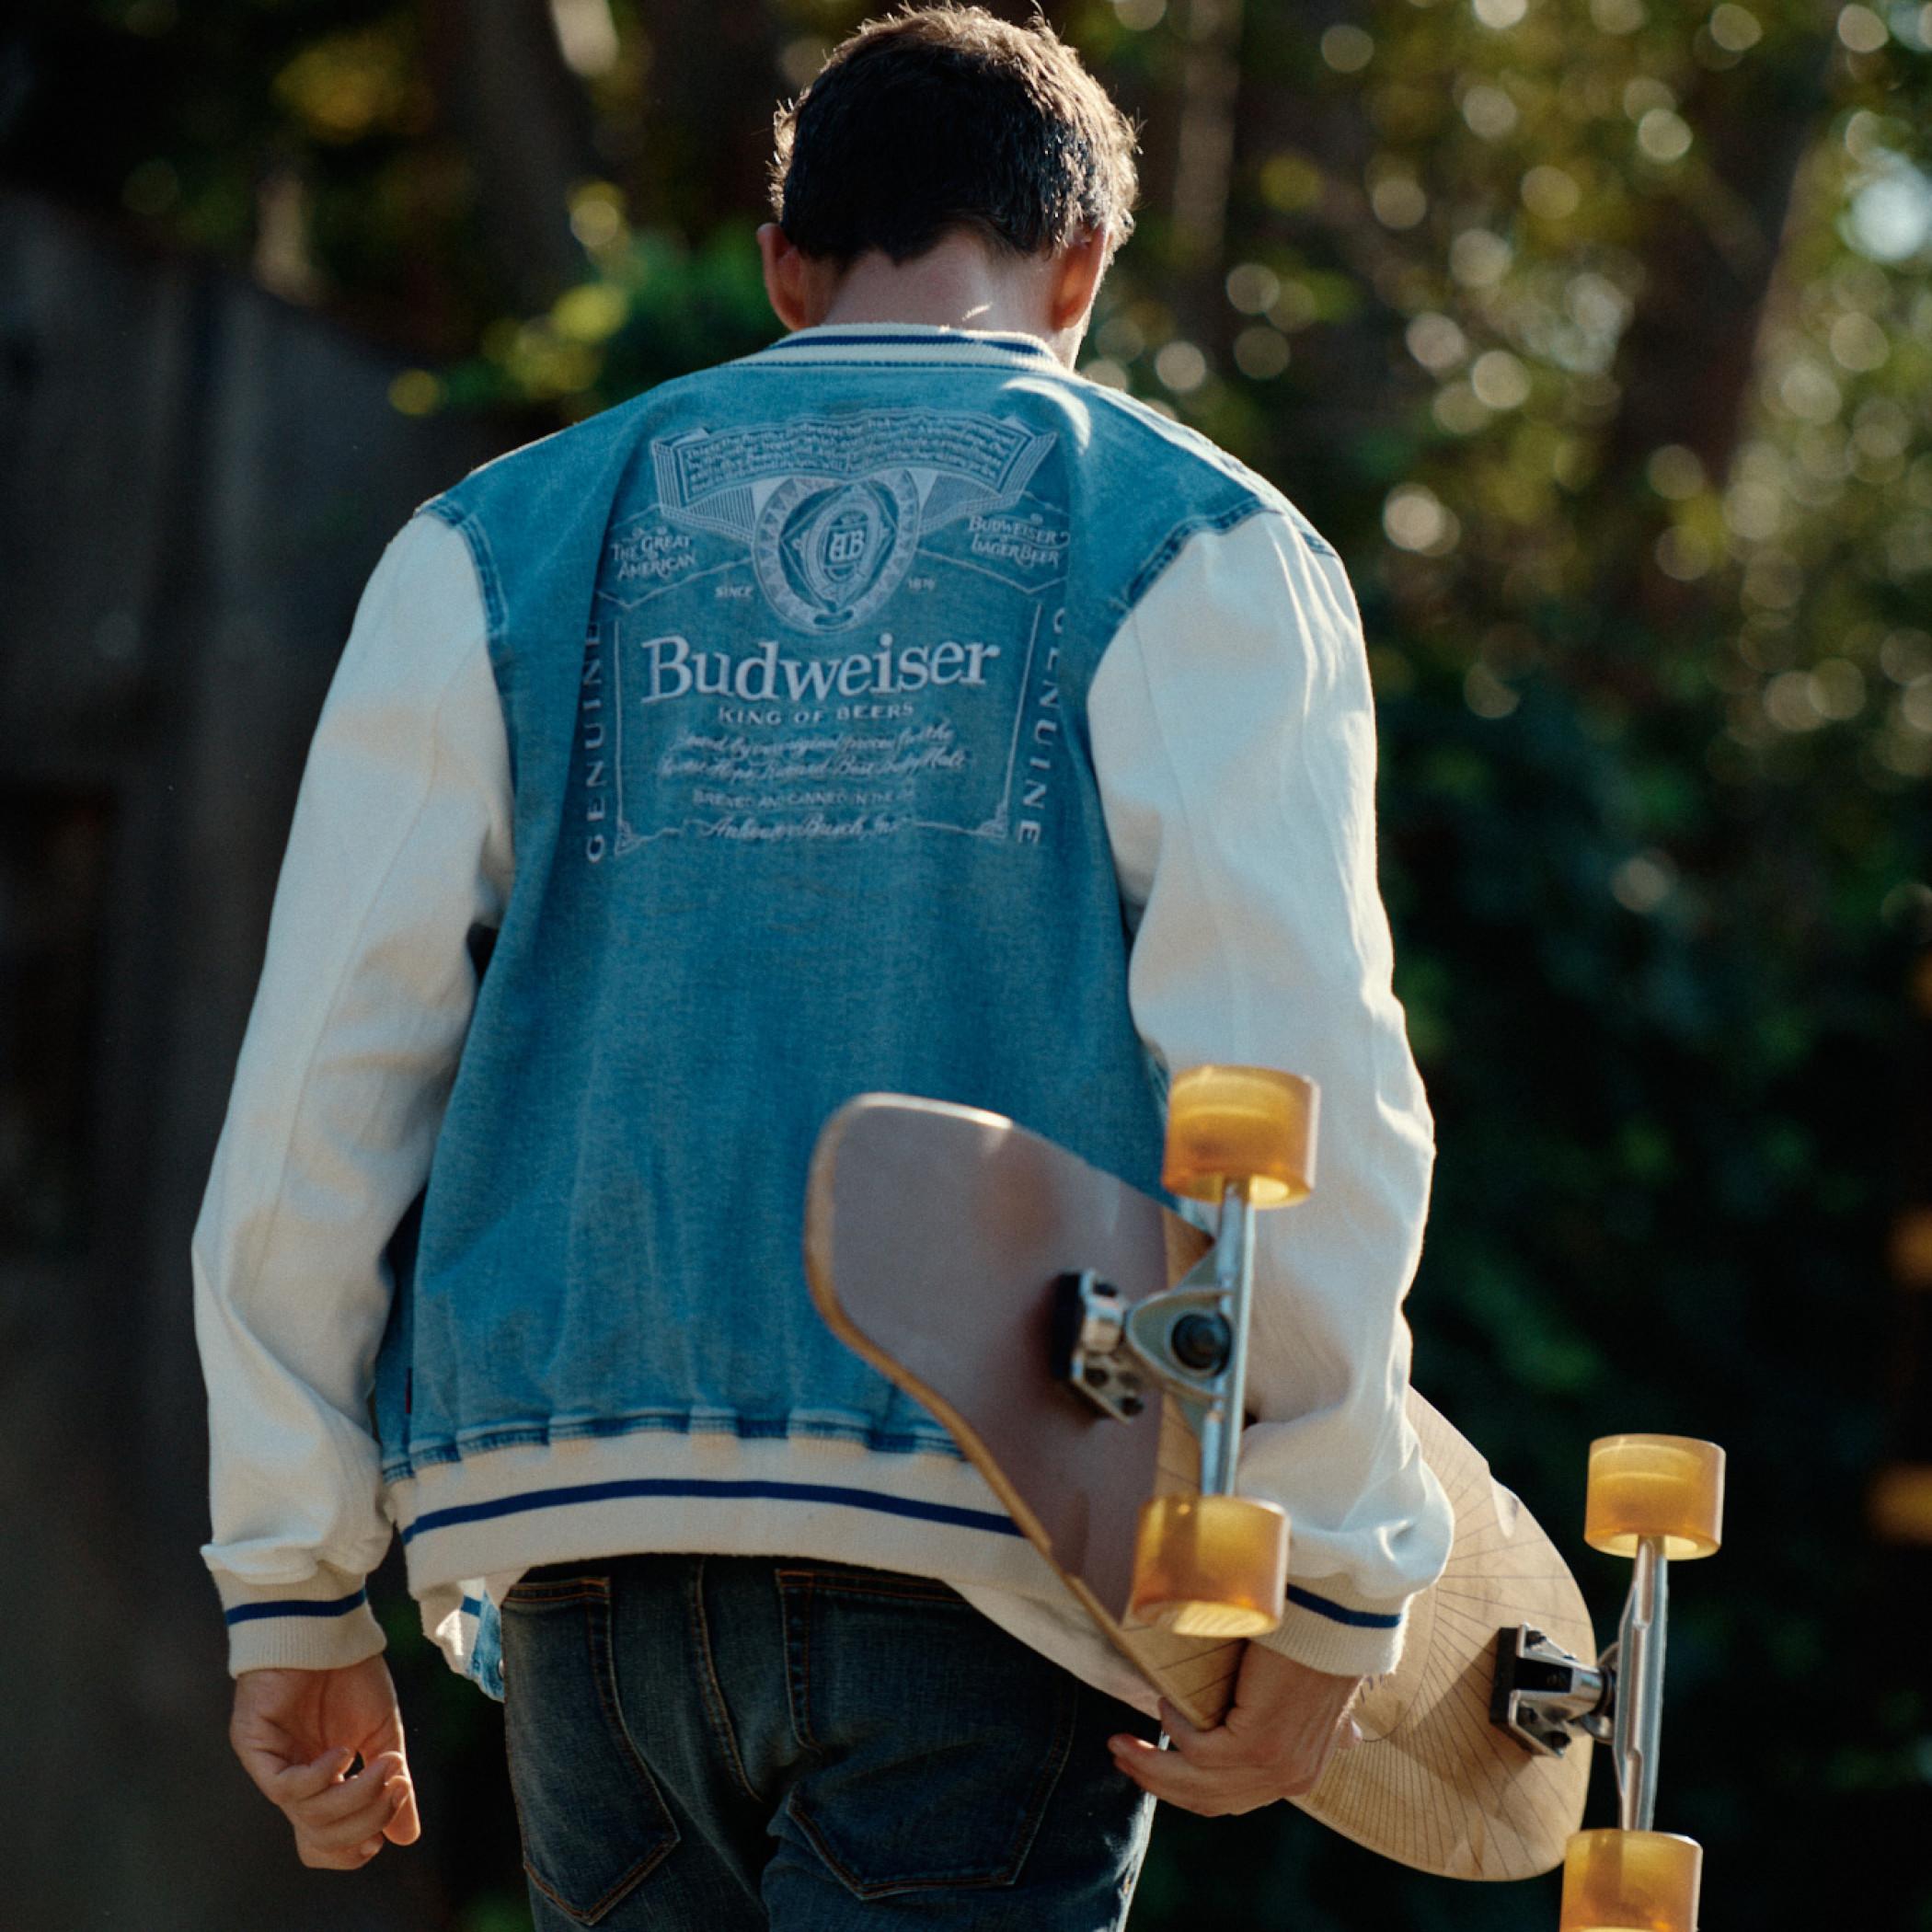 Budweiser Anheuser-Busch Varsity Trucker Jacket with Dalmatian Patch